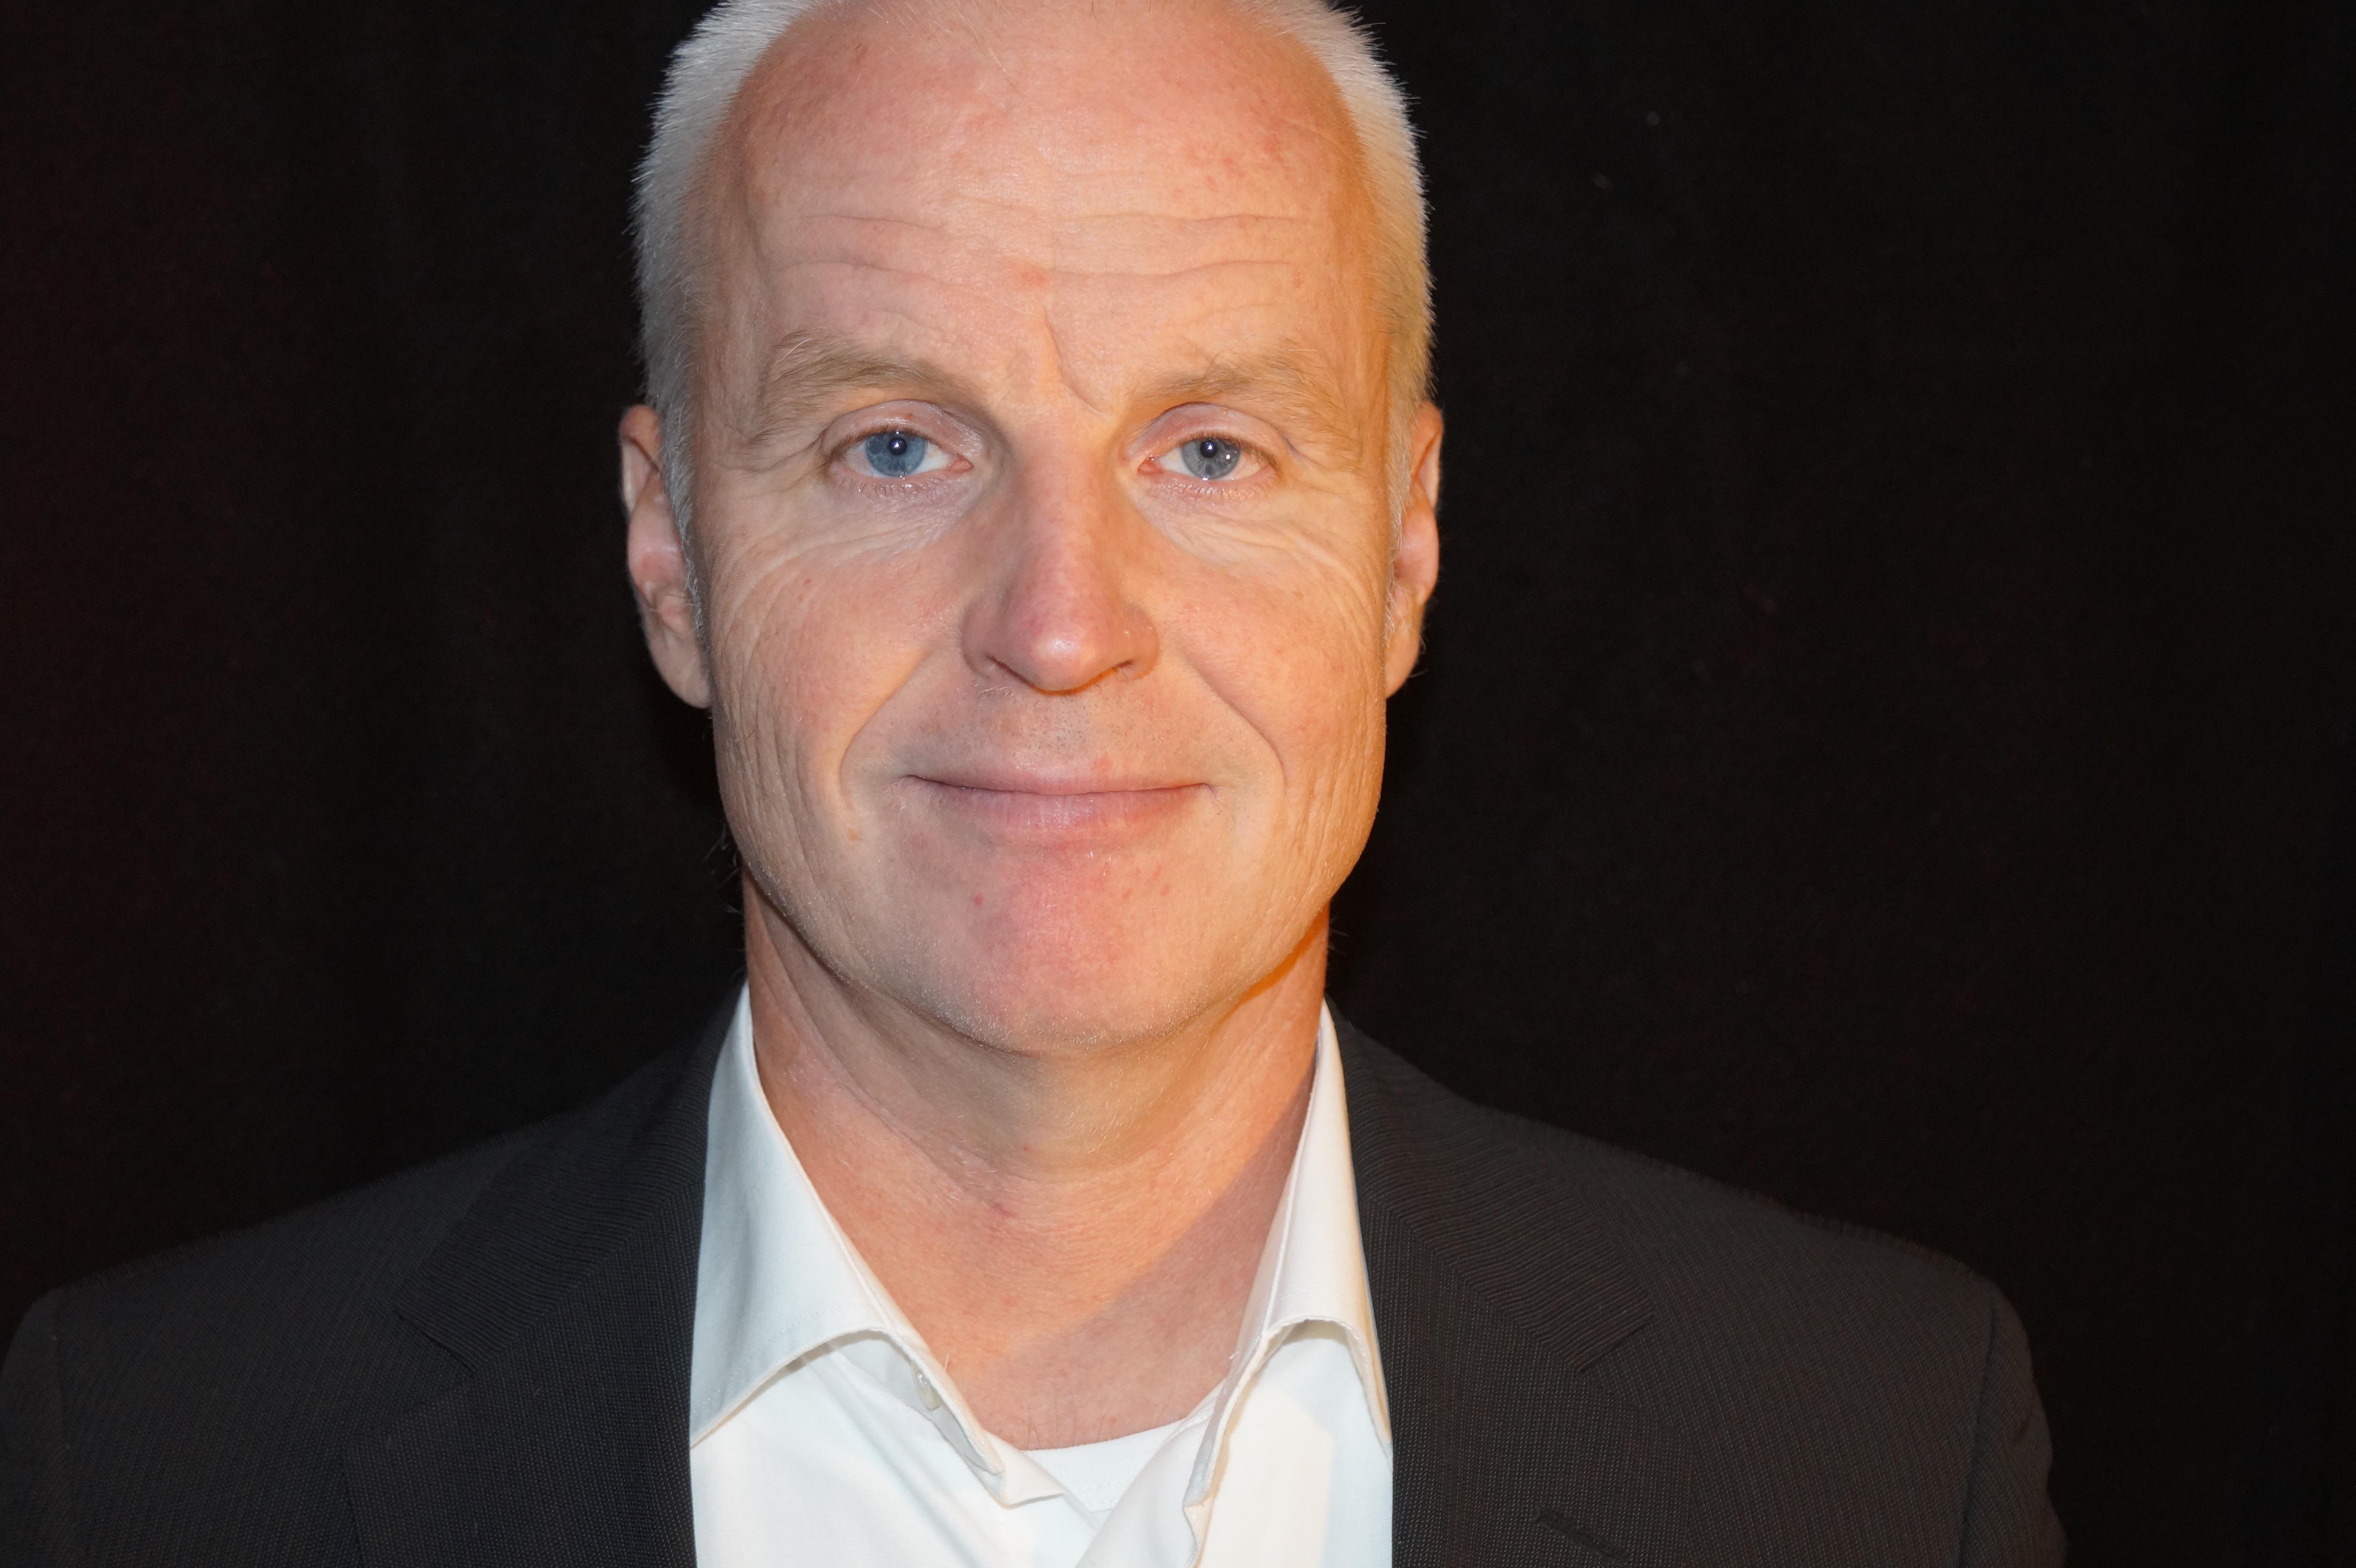 Bjarke Stemann